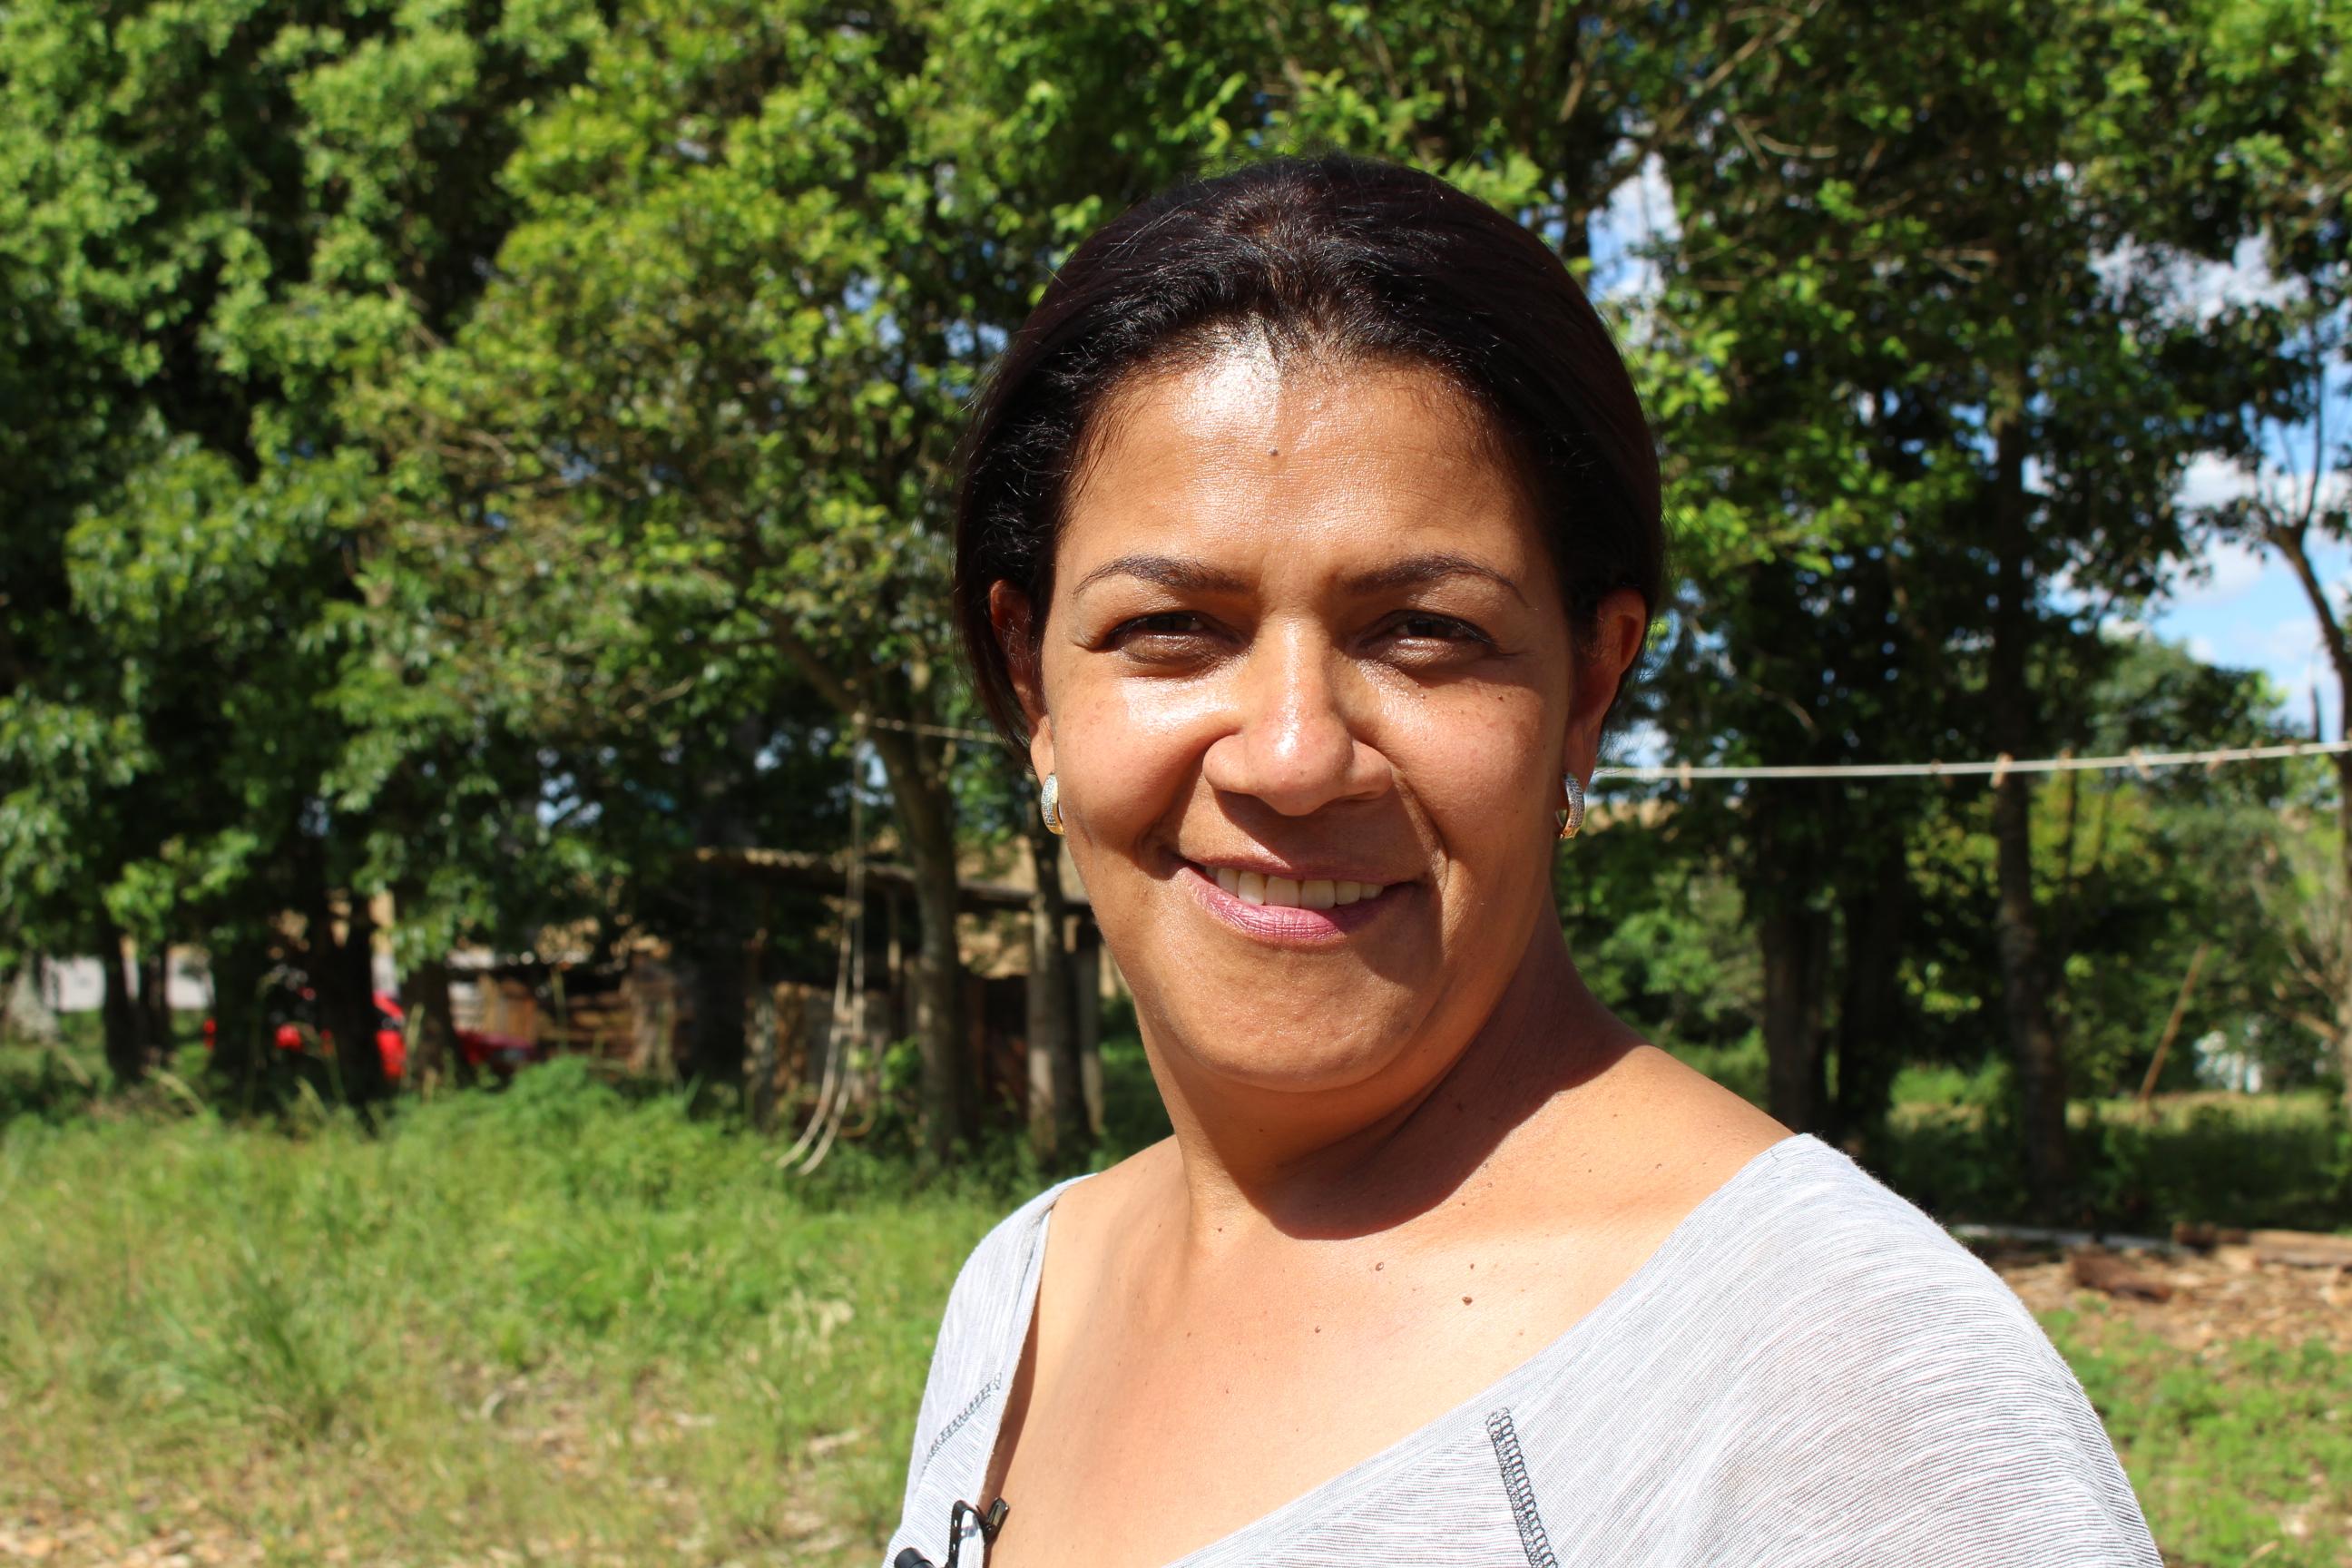 Mariluz, a presidenta da Associação, relata as memórias transferidas de pai para filha. Foto: Lizely Borges